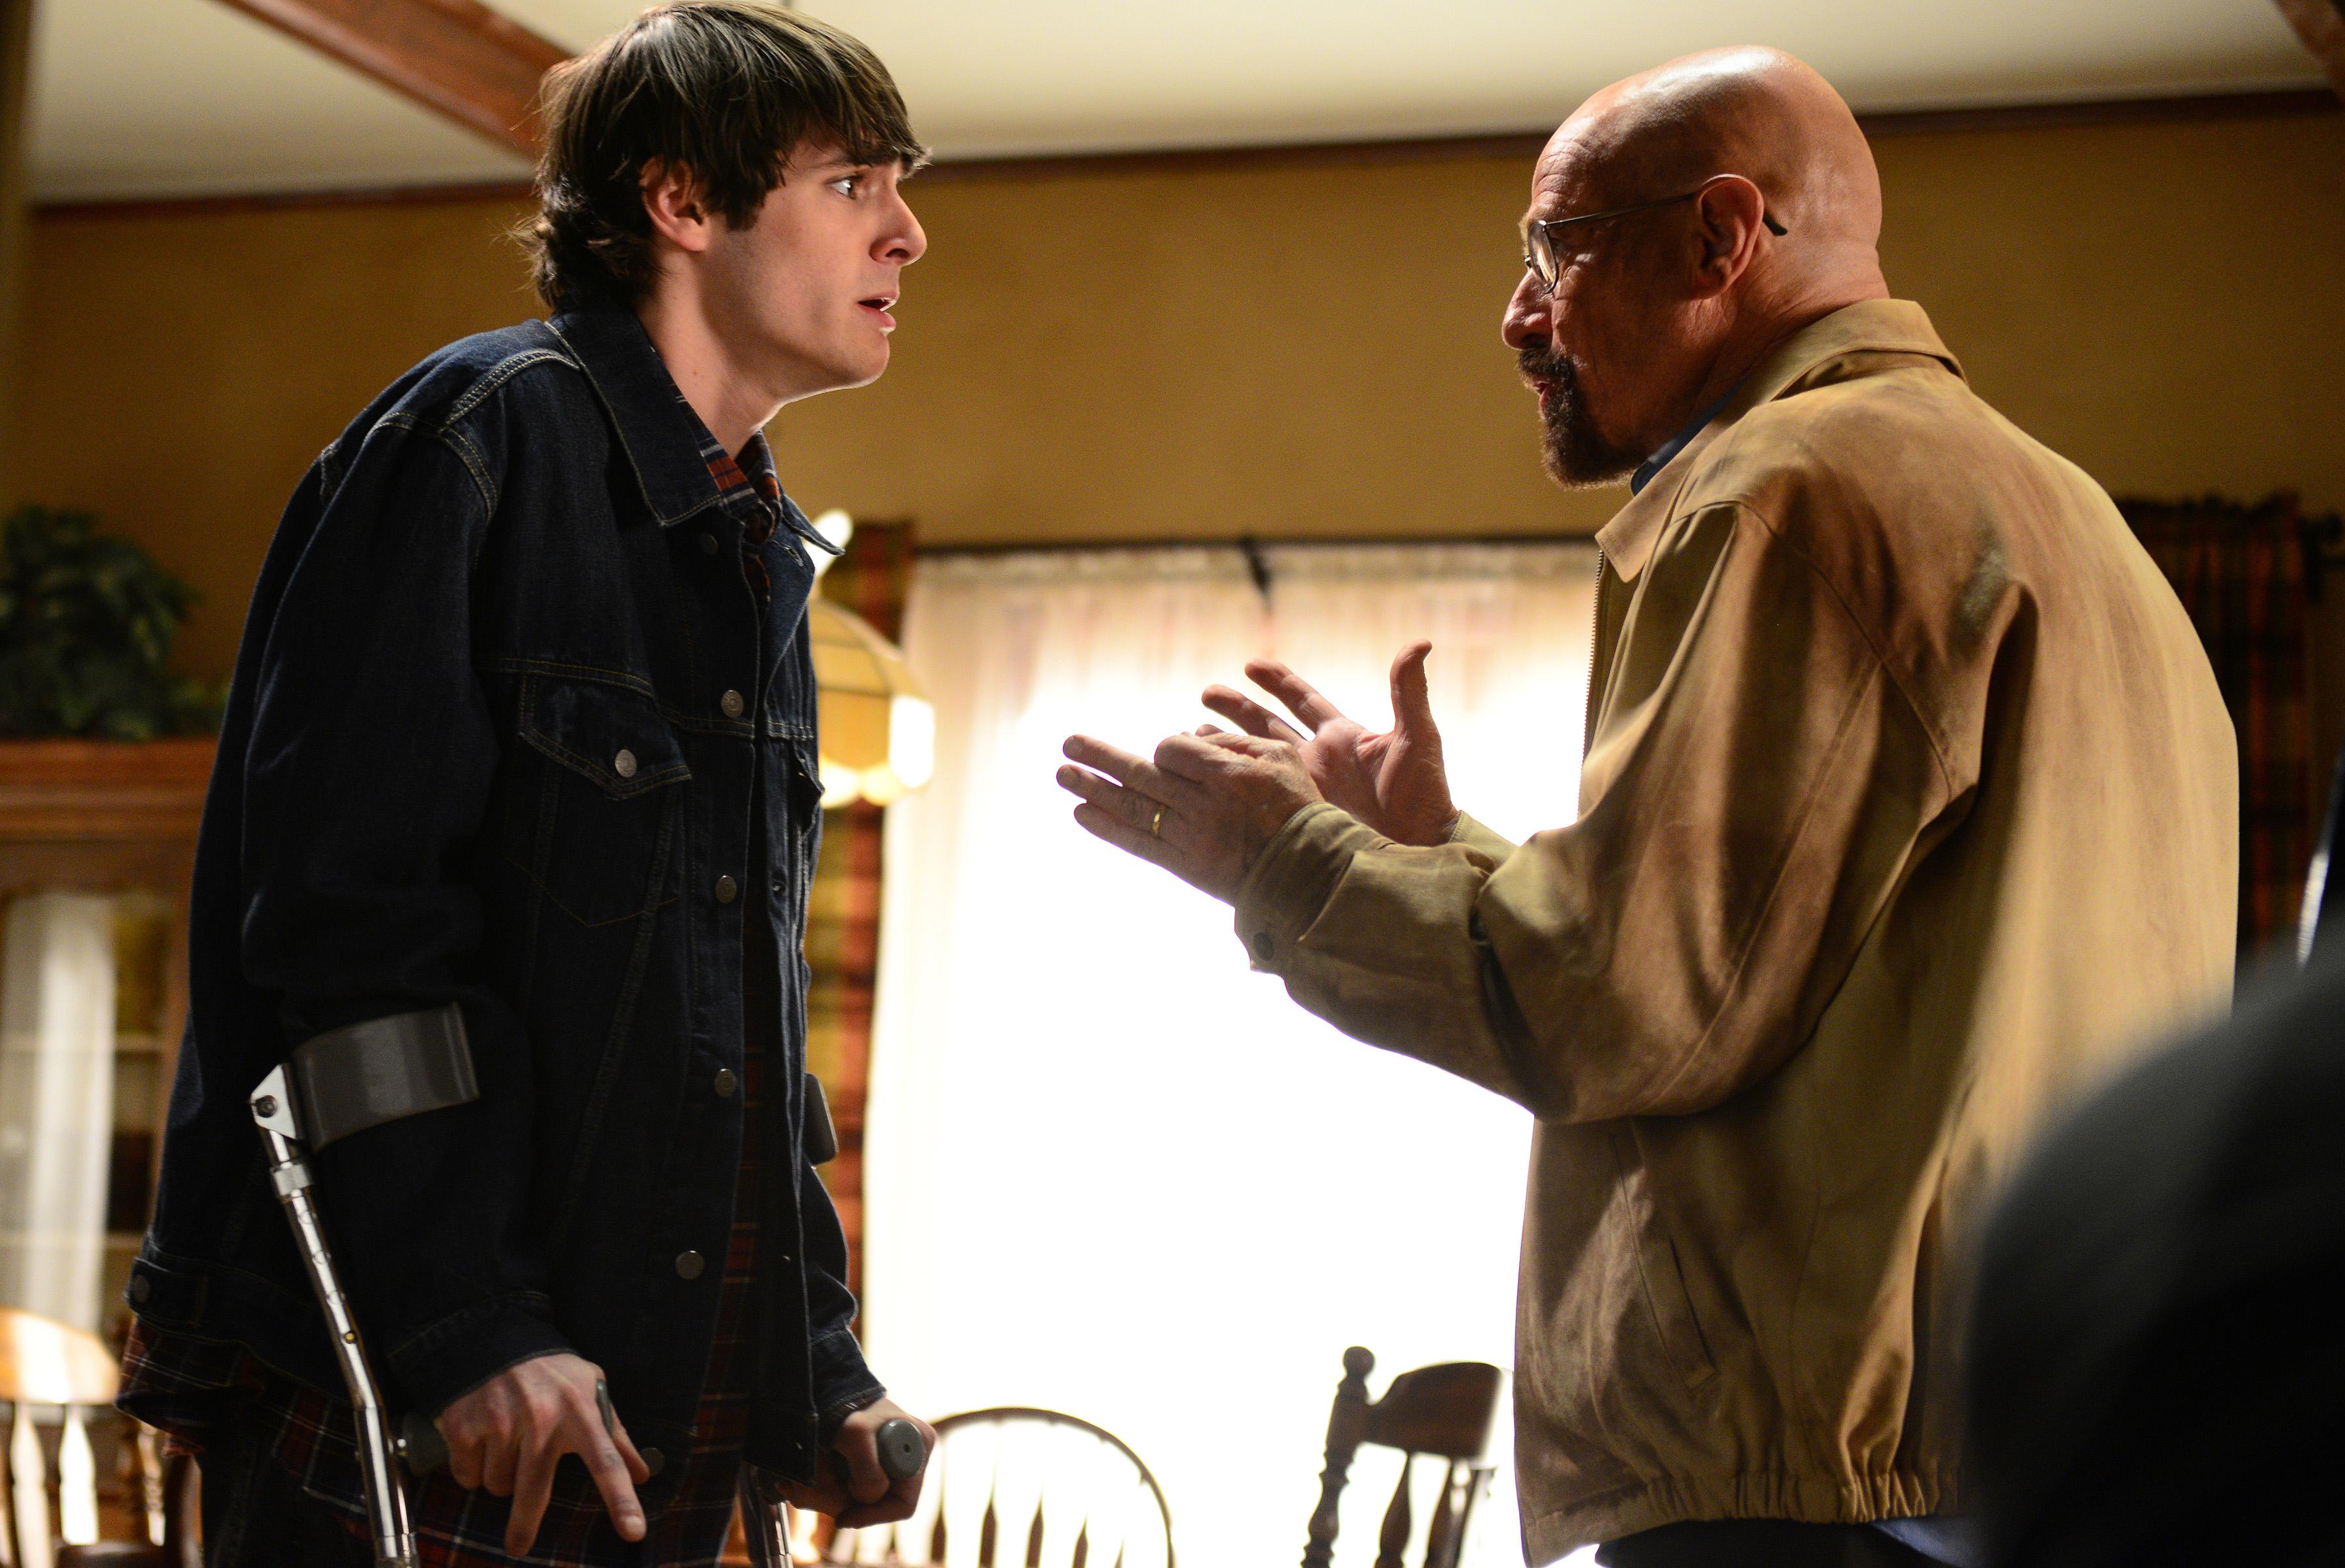 RJ Mitte as Walter White, Jr. and Bryan Cranston as Walter White in Breaking Bad Season 5, Episode 14